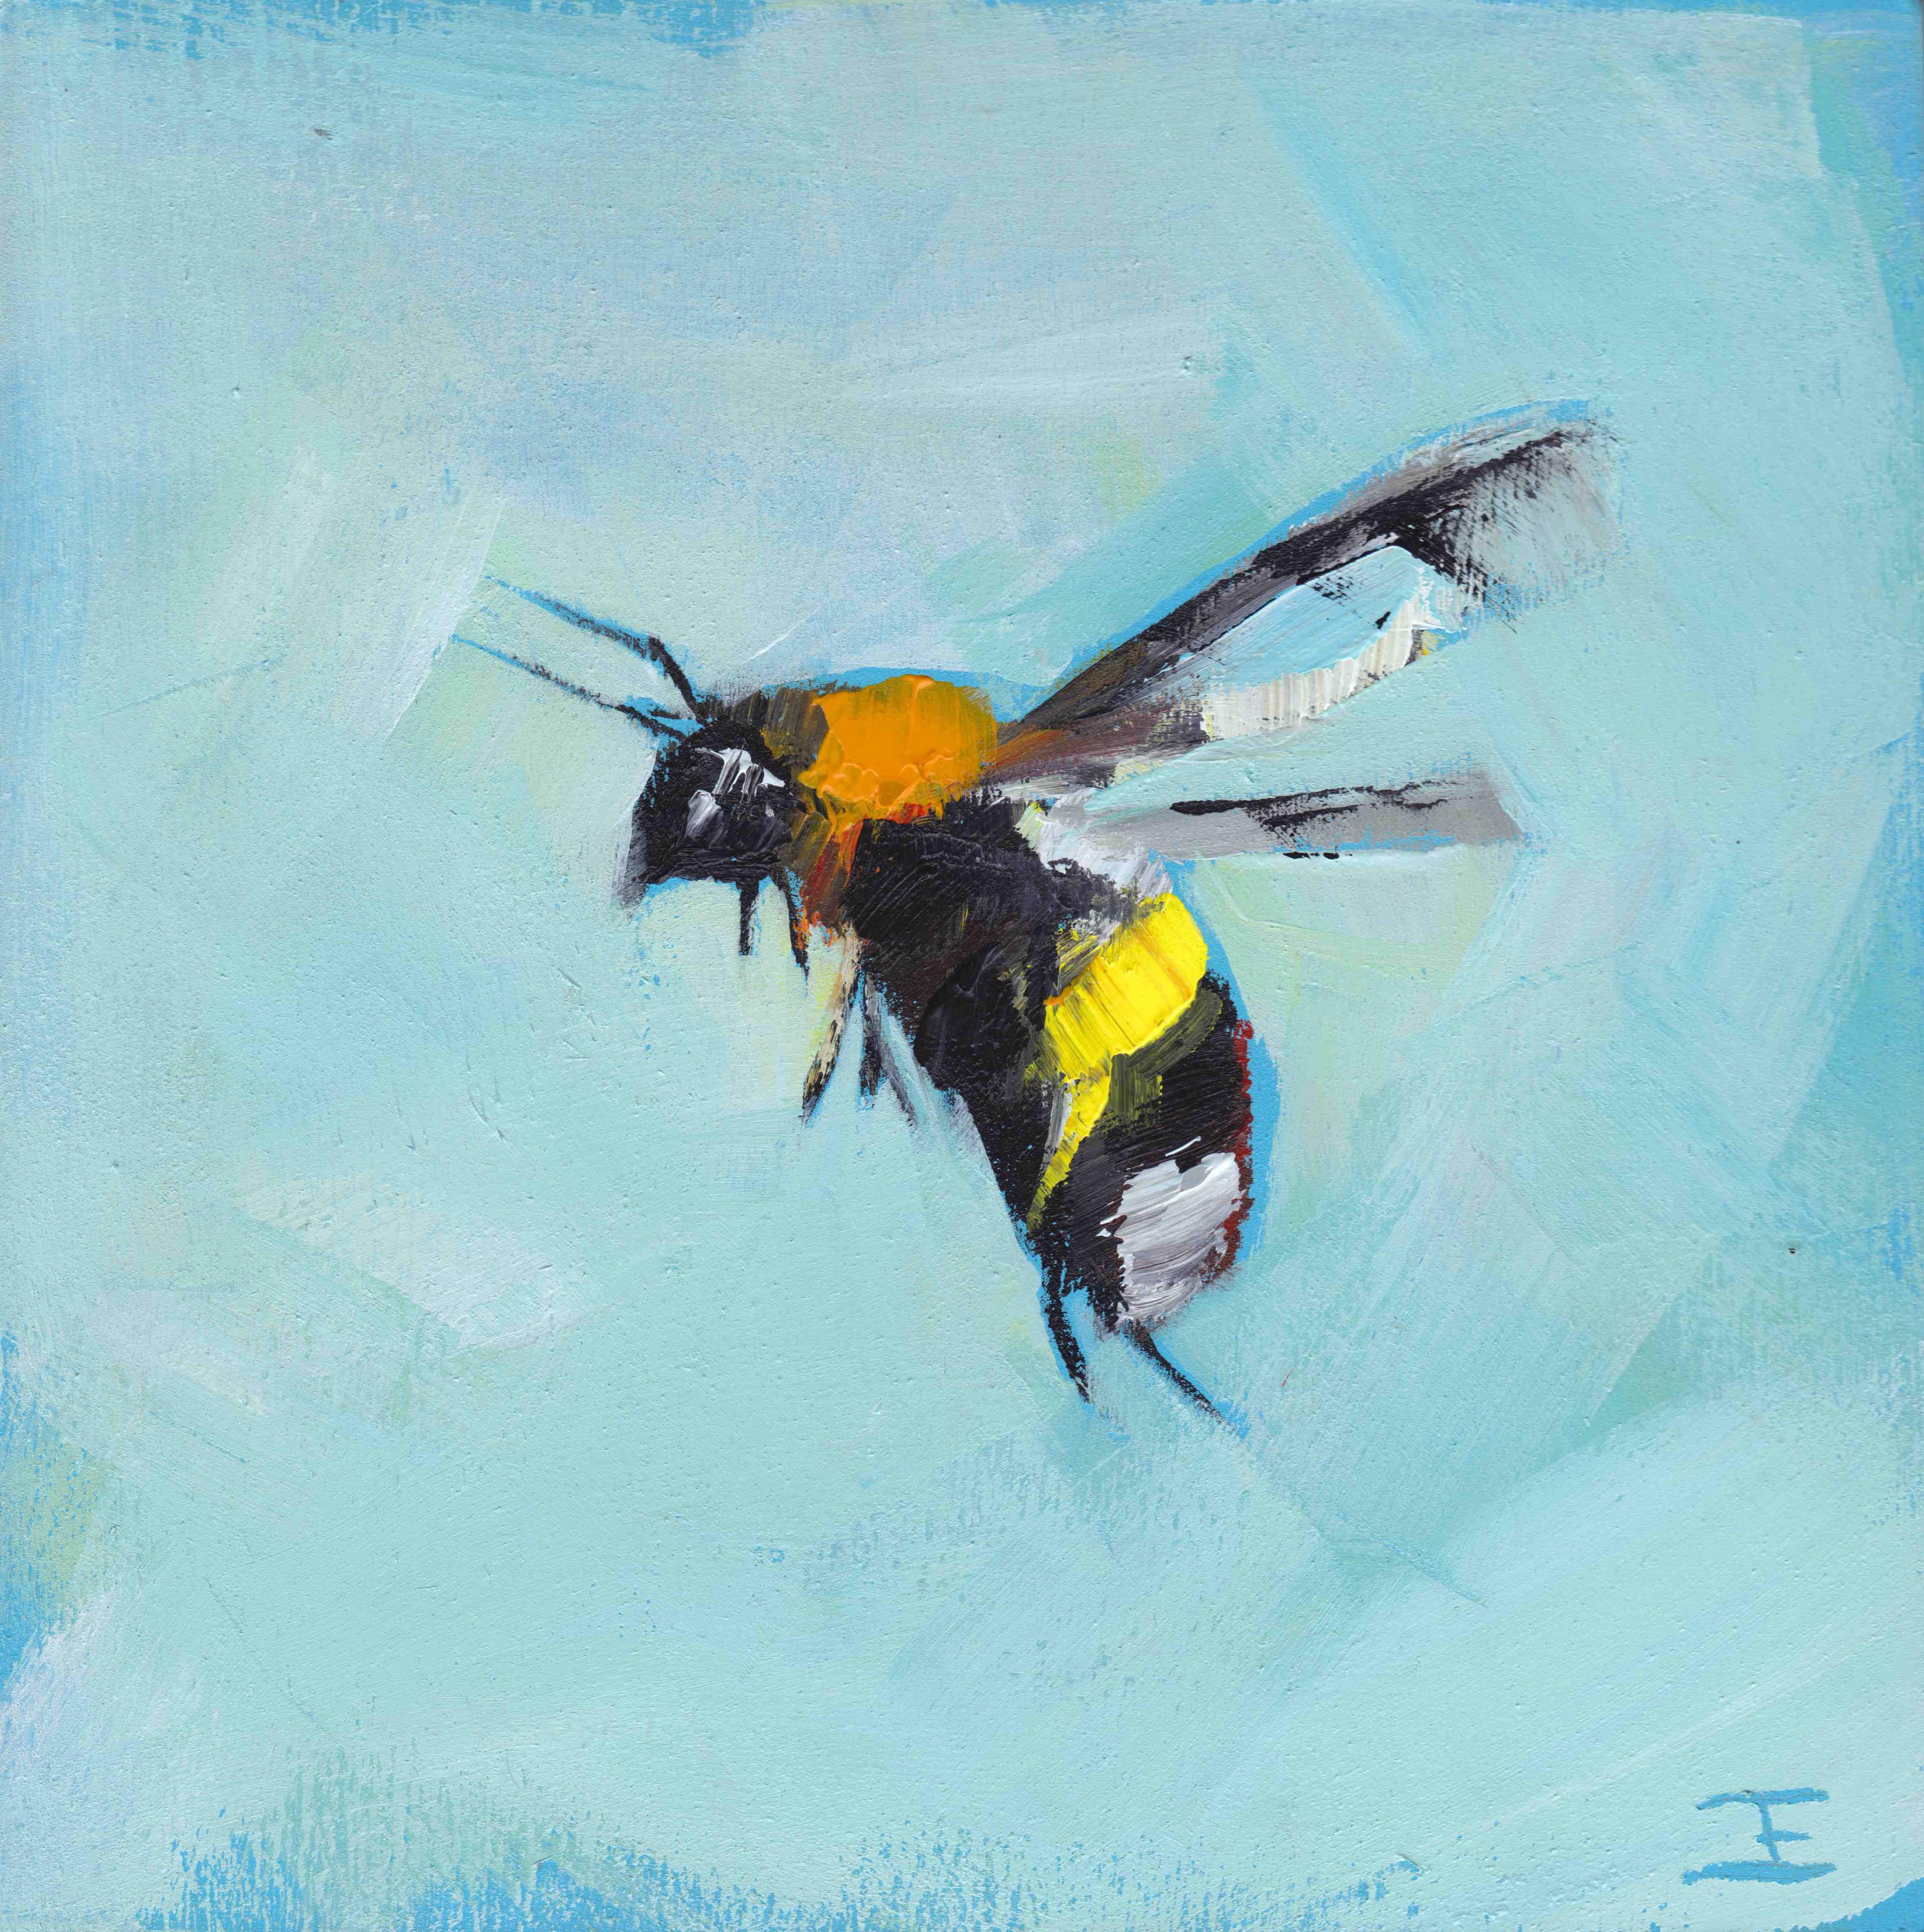 Flight of the Bumblebee